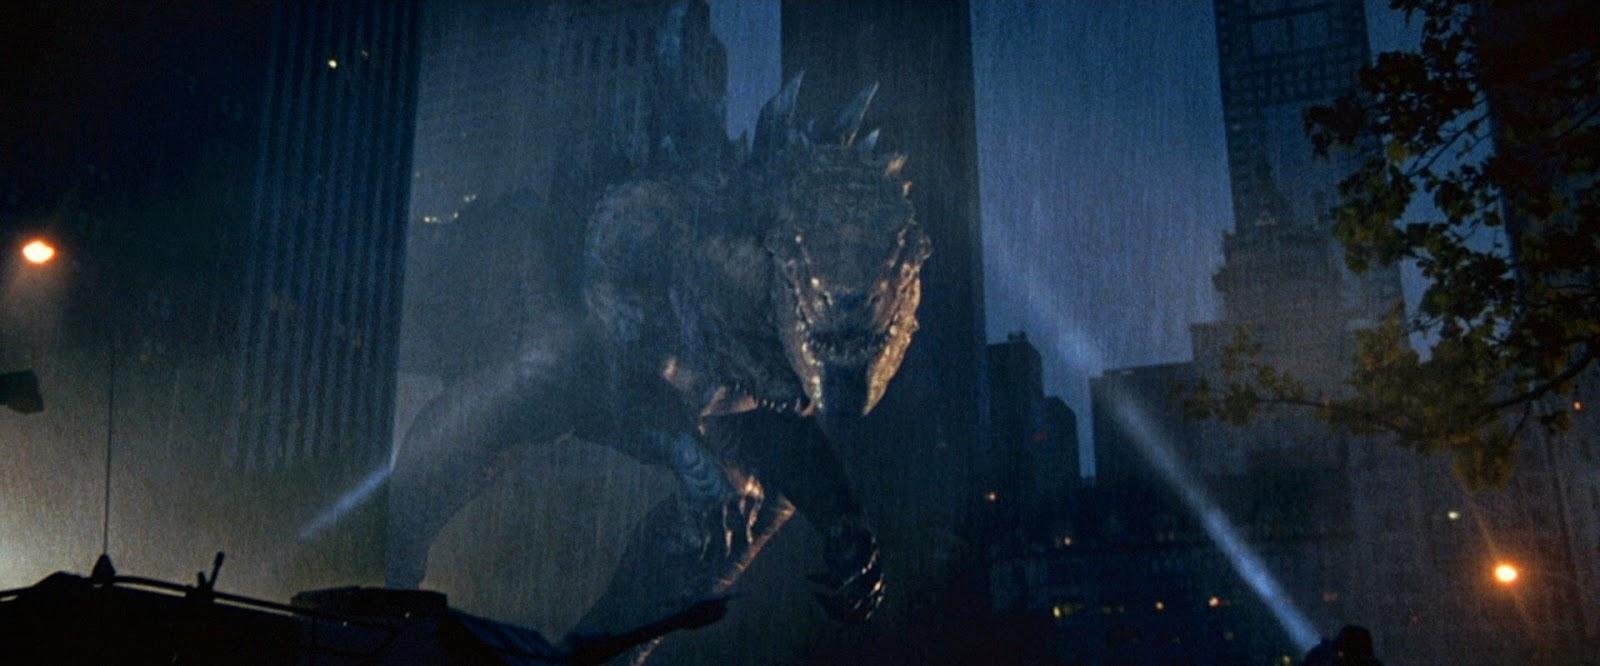 Godzilla (1998) « A